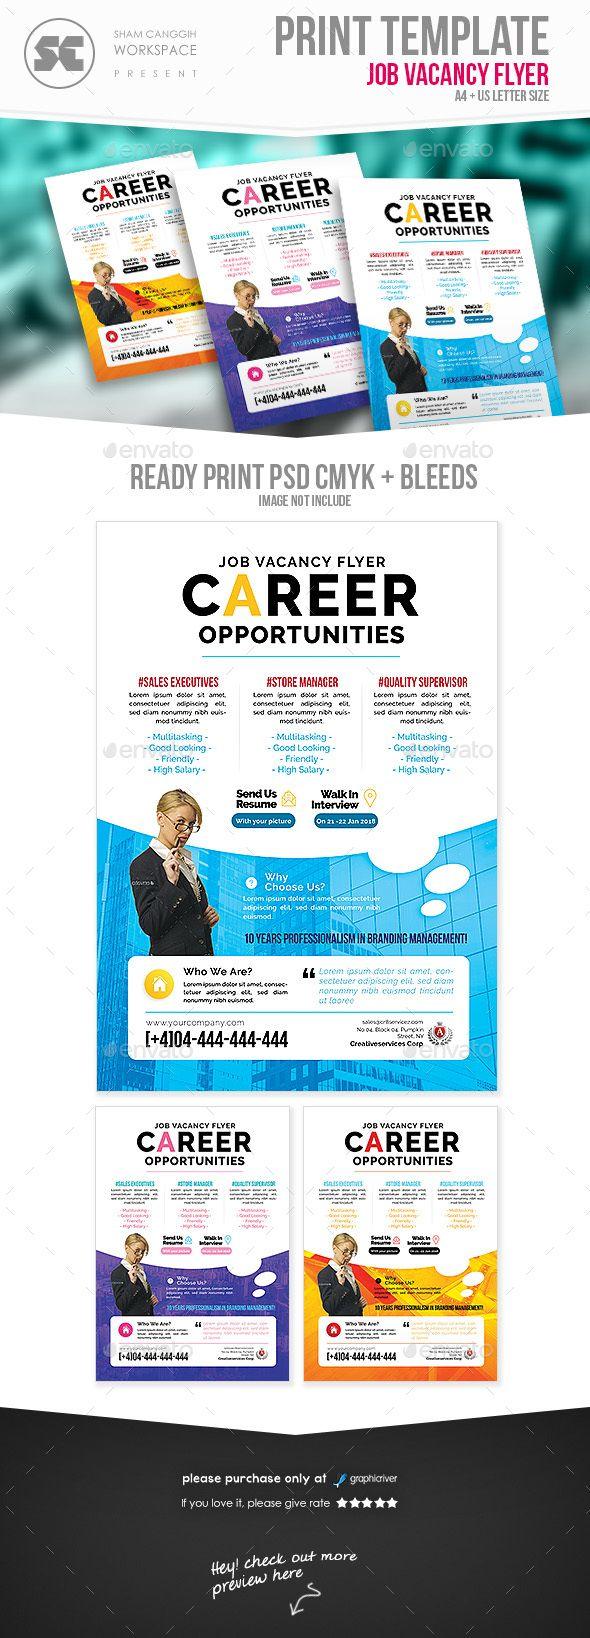 Job Vacancy Flyer Template Psd Flyer Templates Pinterest Flyer